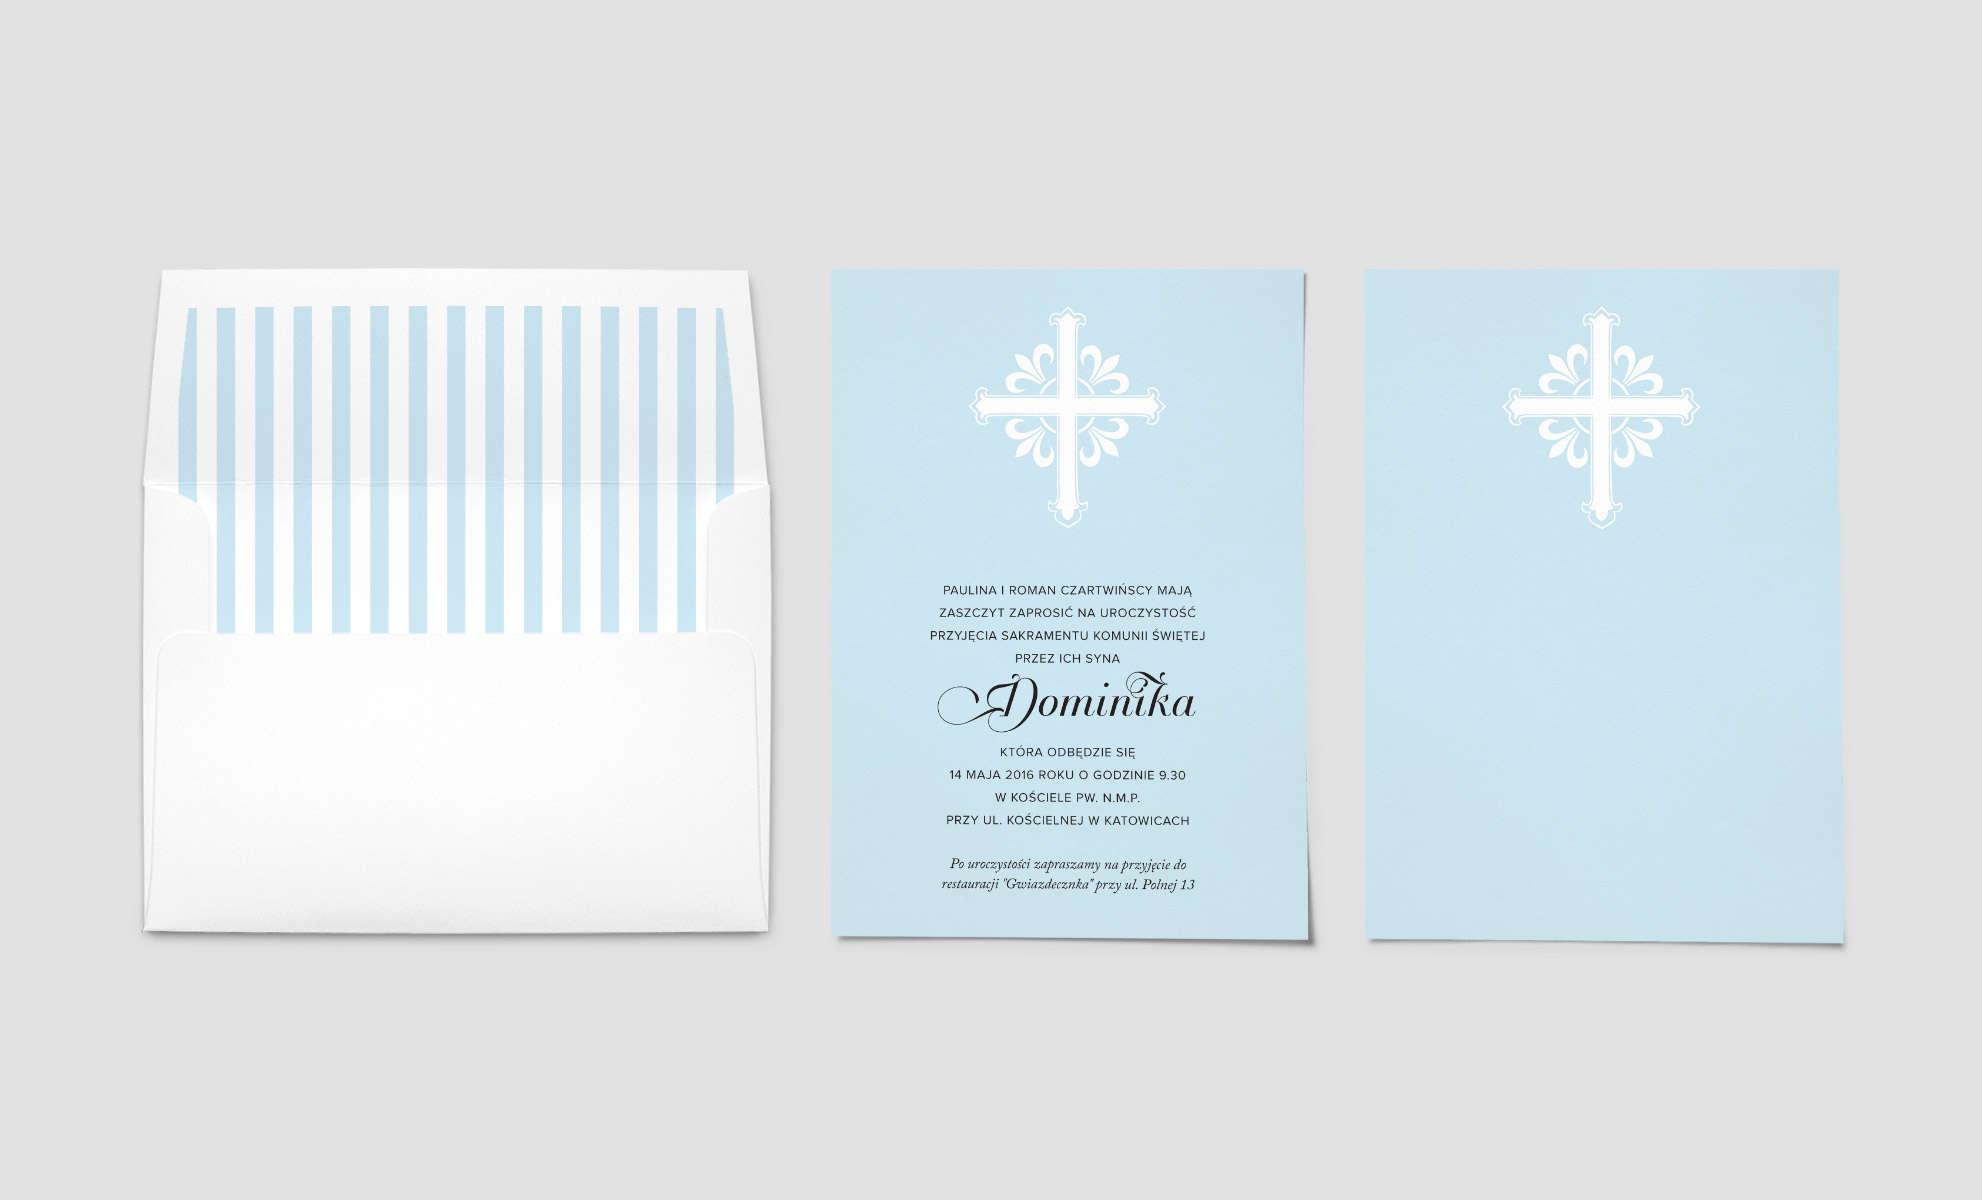 Niebieskie zaproszenie na komunię dla chłopca z dużym białym krzyżem